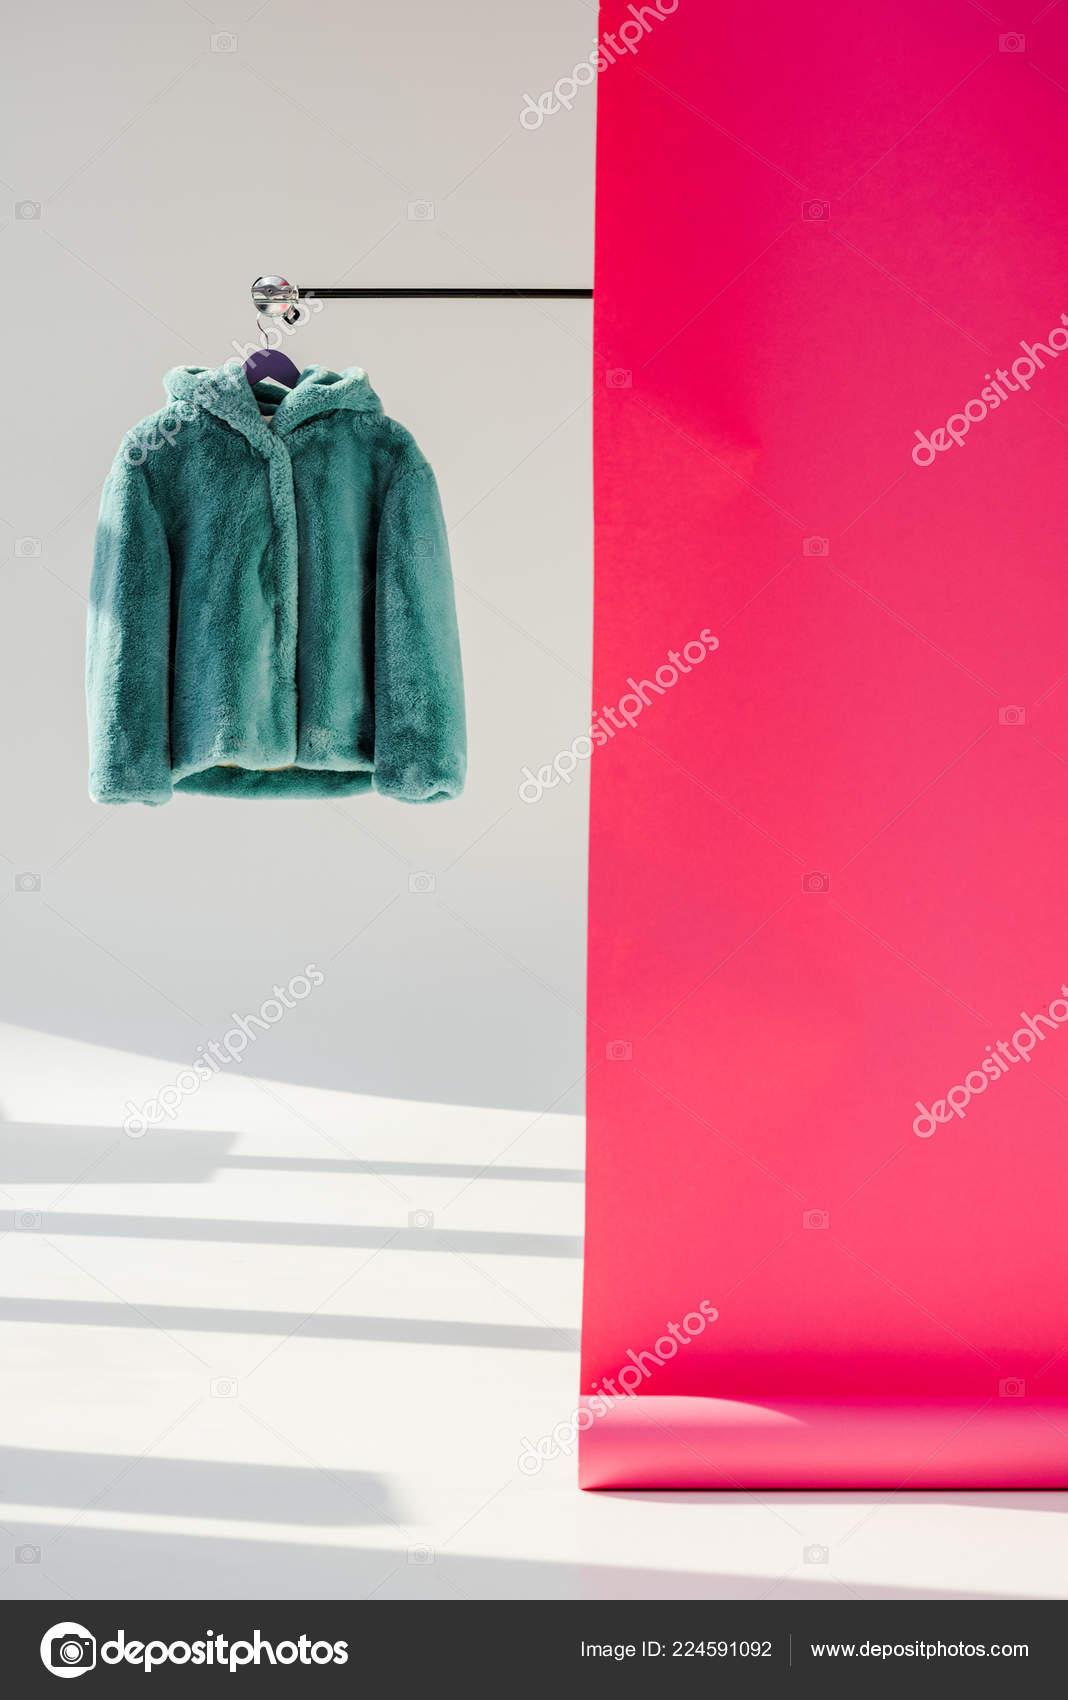 Nadýchané zelené umělé kožešiny kabát na věšák s růžové tapety– stock  obrázky 851b5346eed